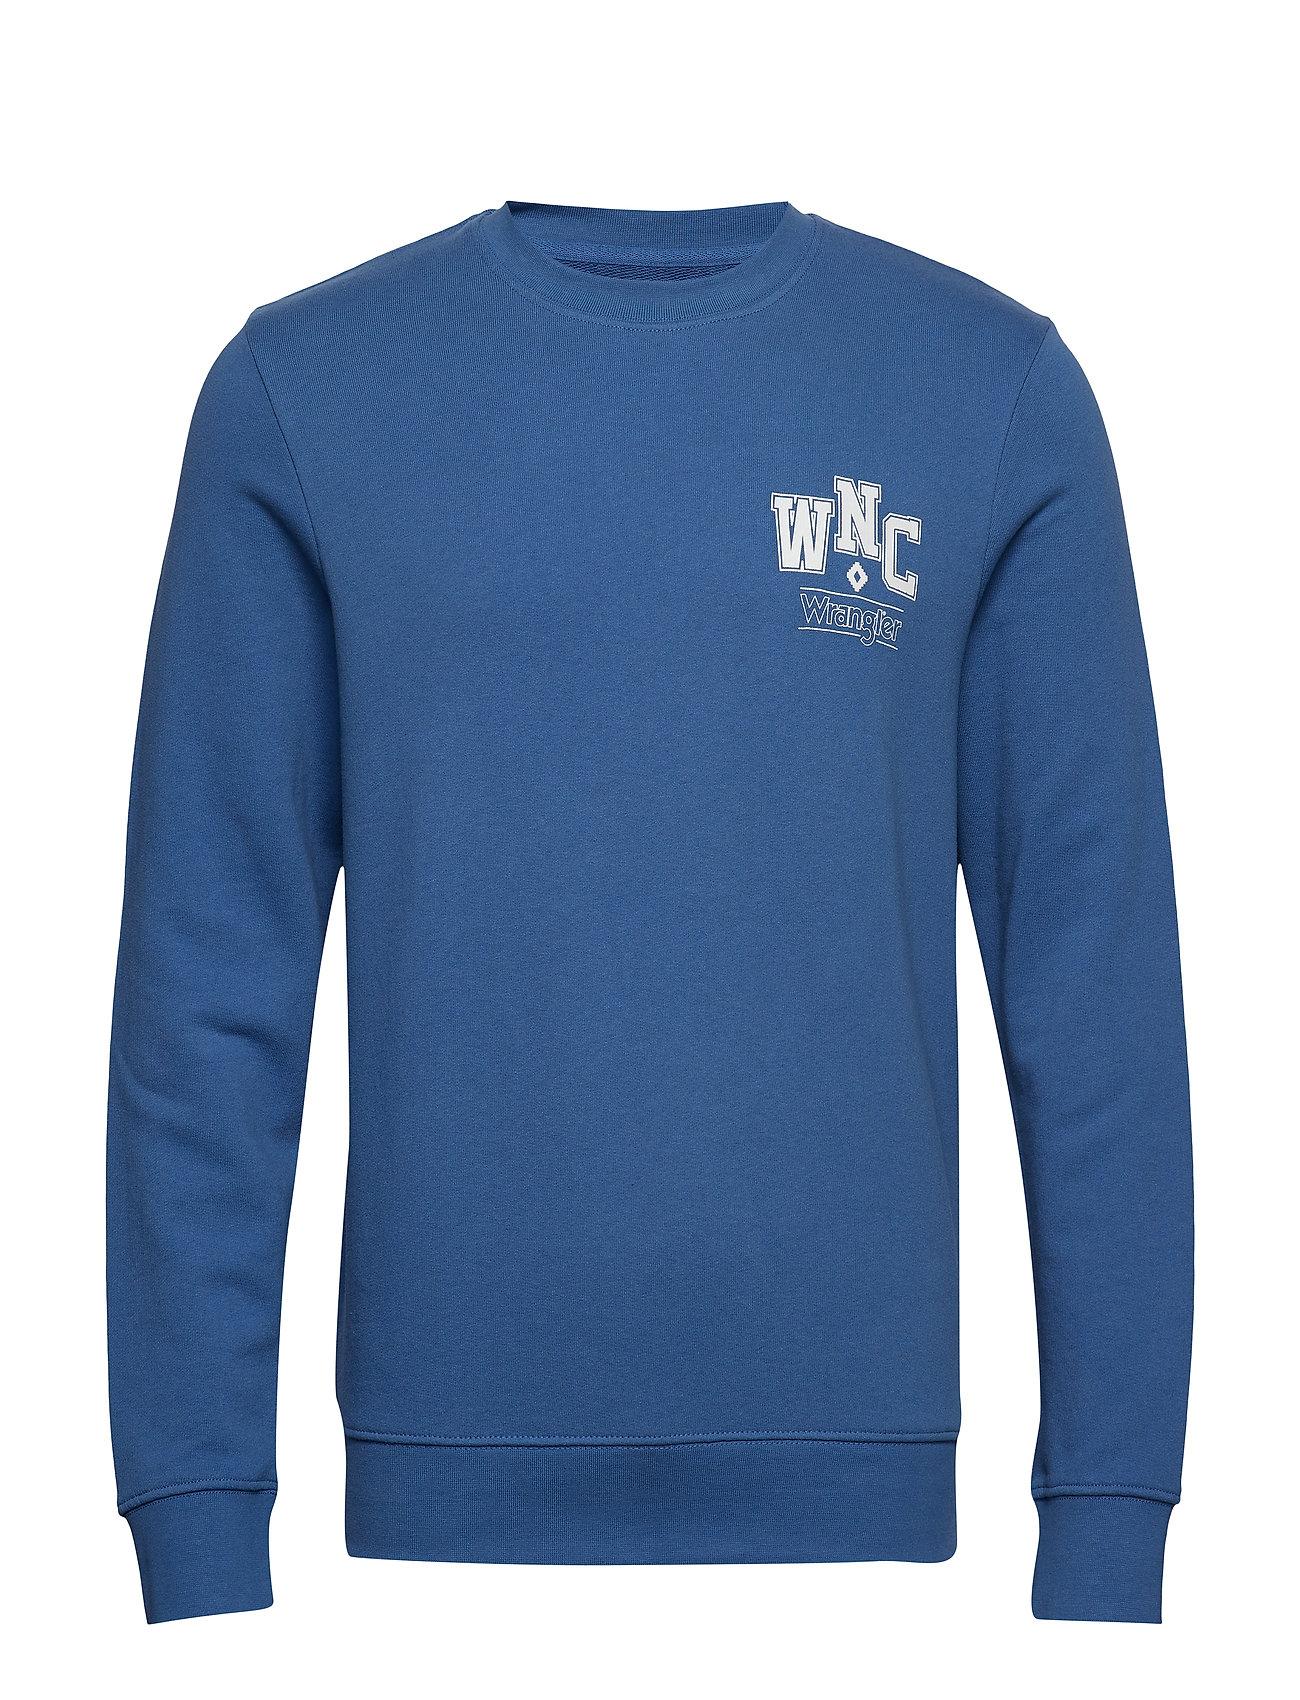 Wrangler WNC CREW - FEDERAL BLUE